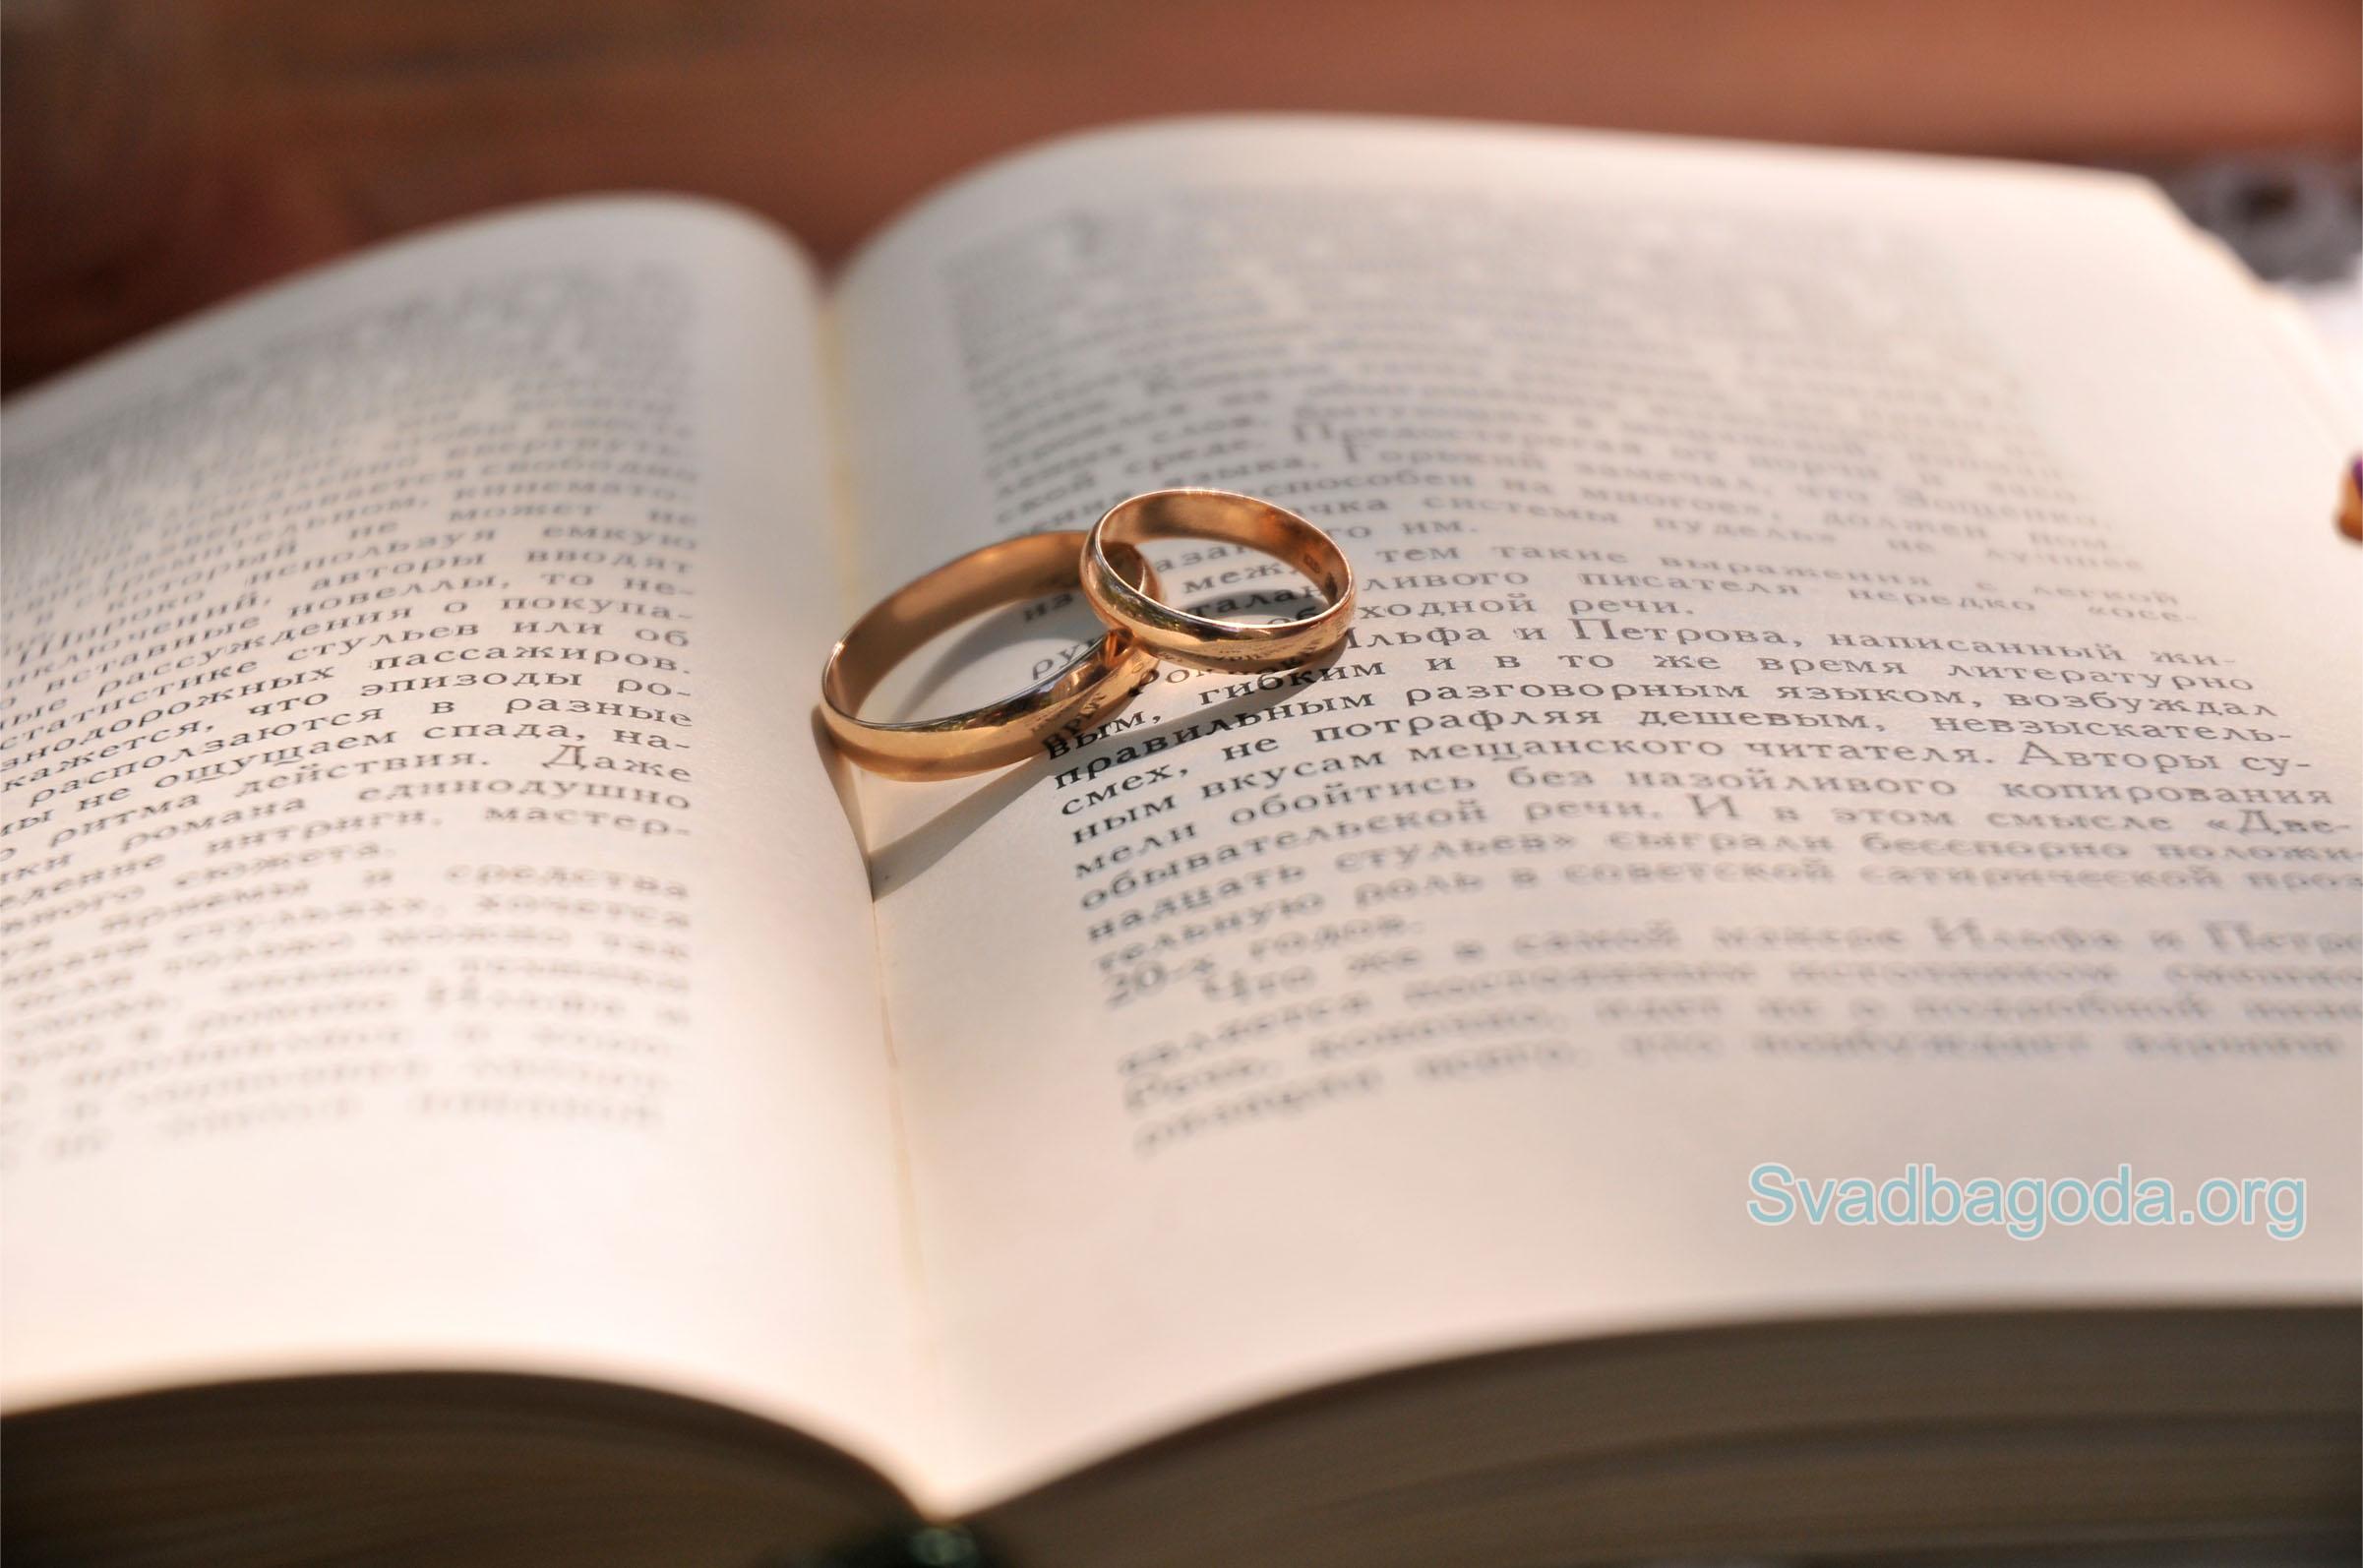 фото - обручальные колечки на развороте книги